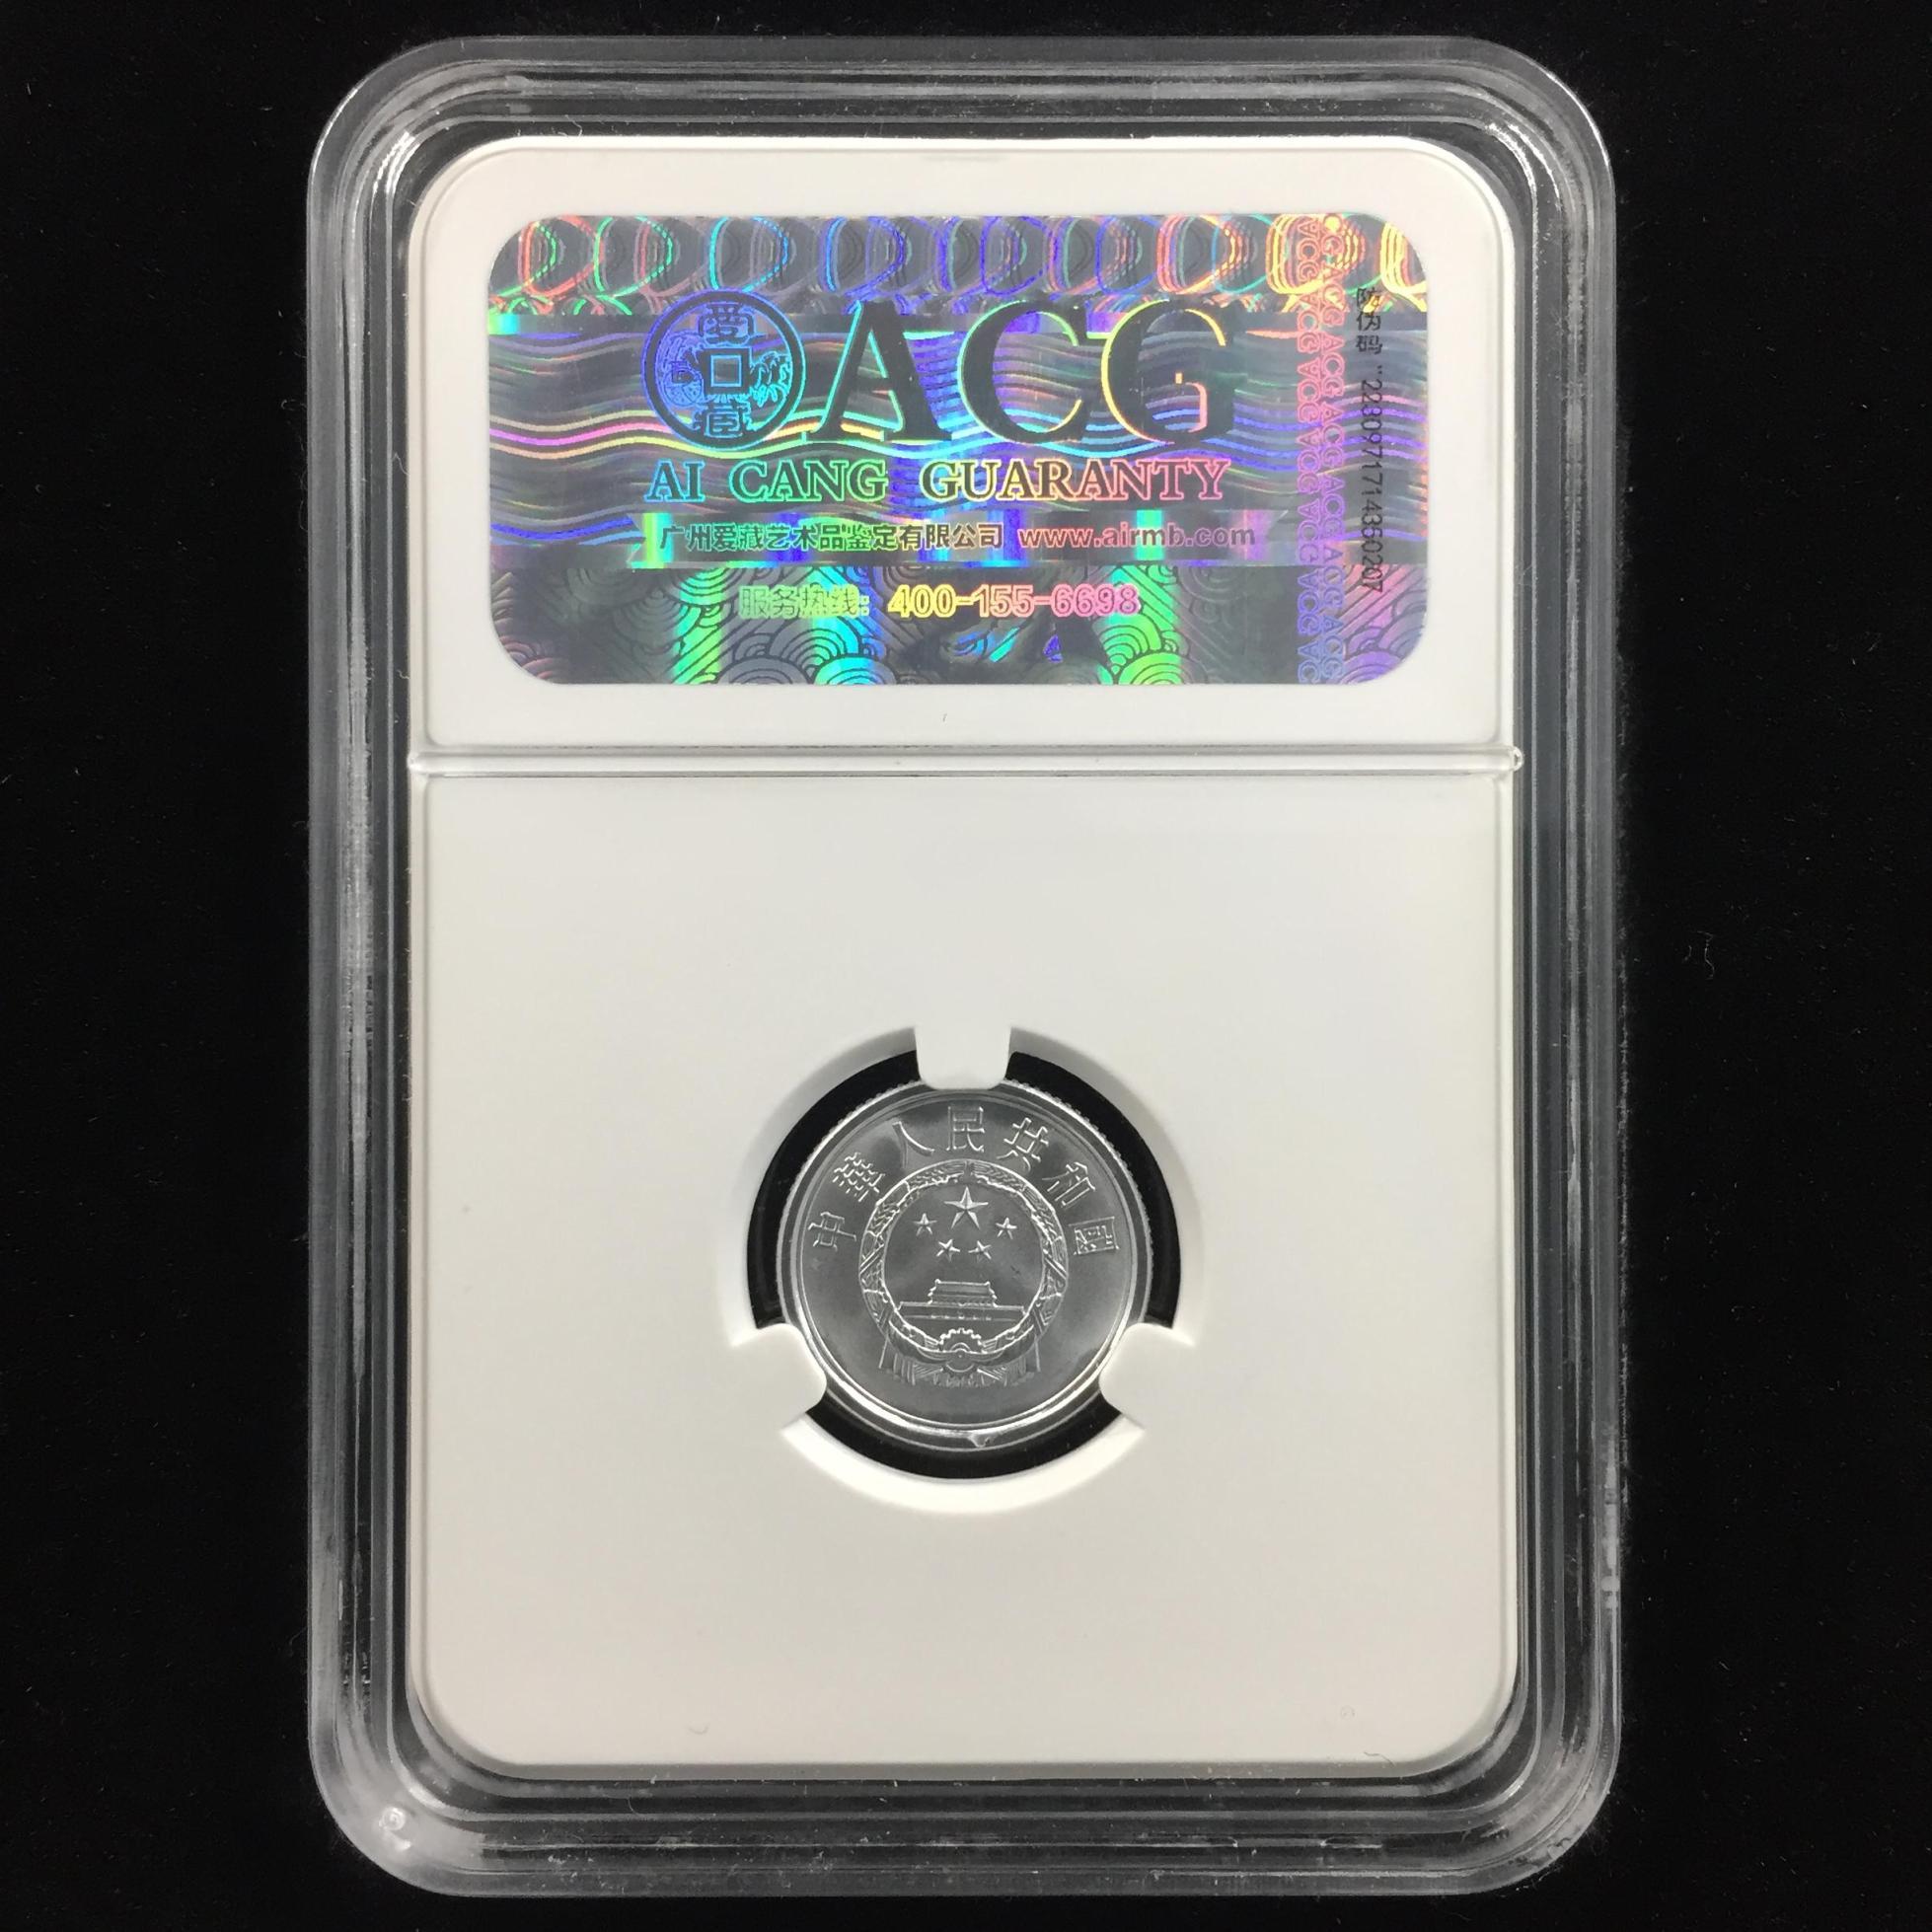 双齿币→2013年1分硬币→ACG鉴定证书-10768269